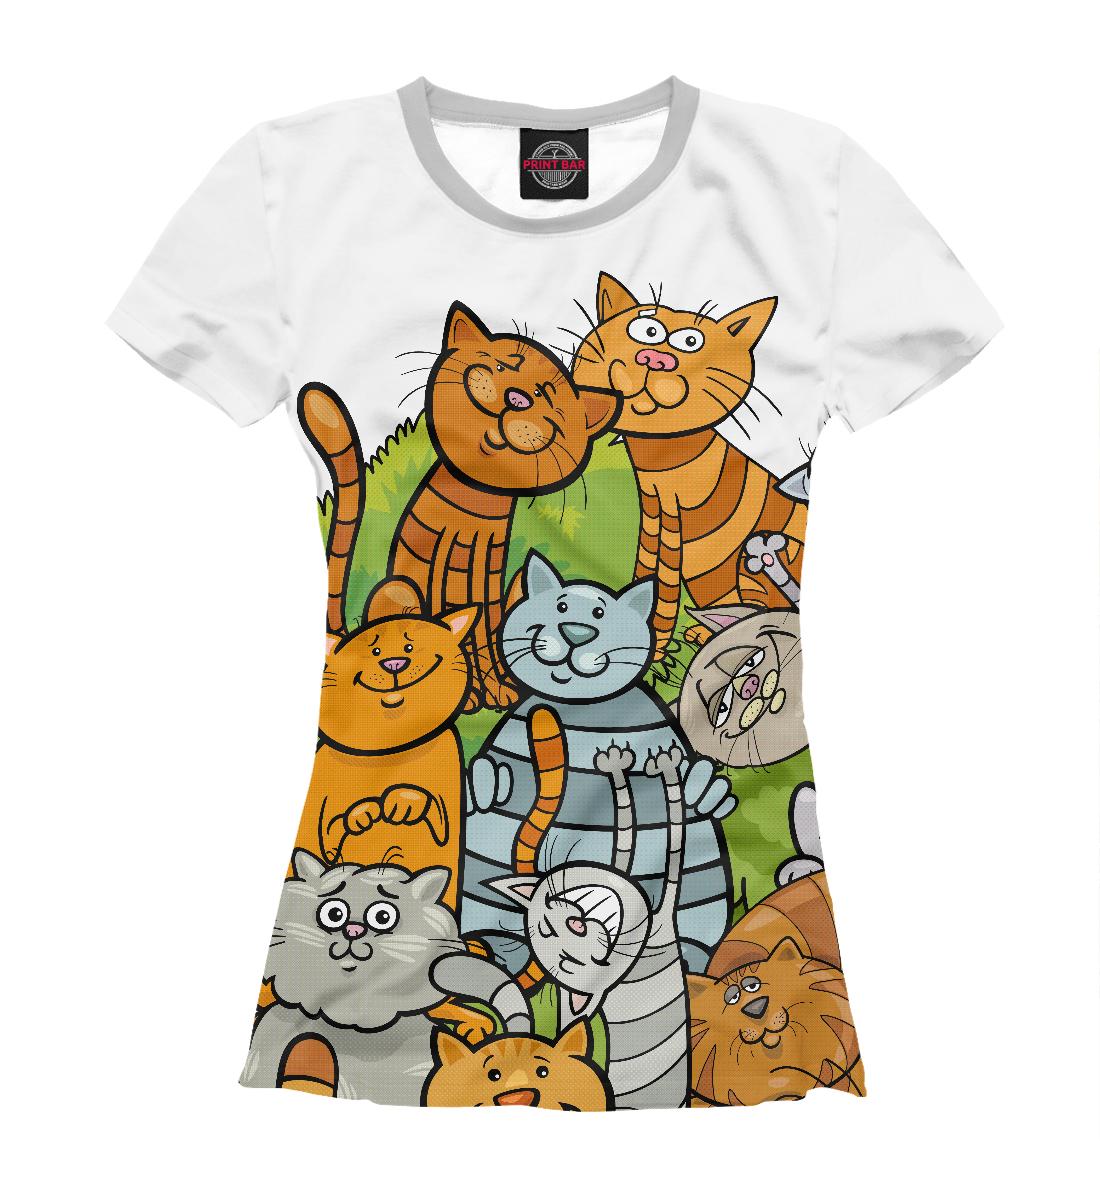 Купить Веселые коты, Printbar, Футболки, CAT-880097-fut-1